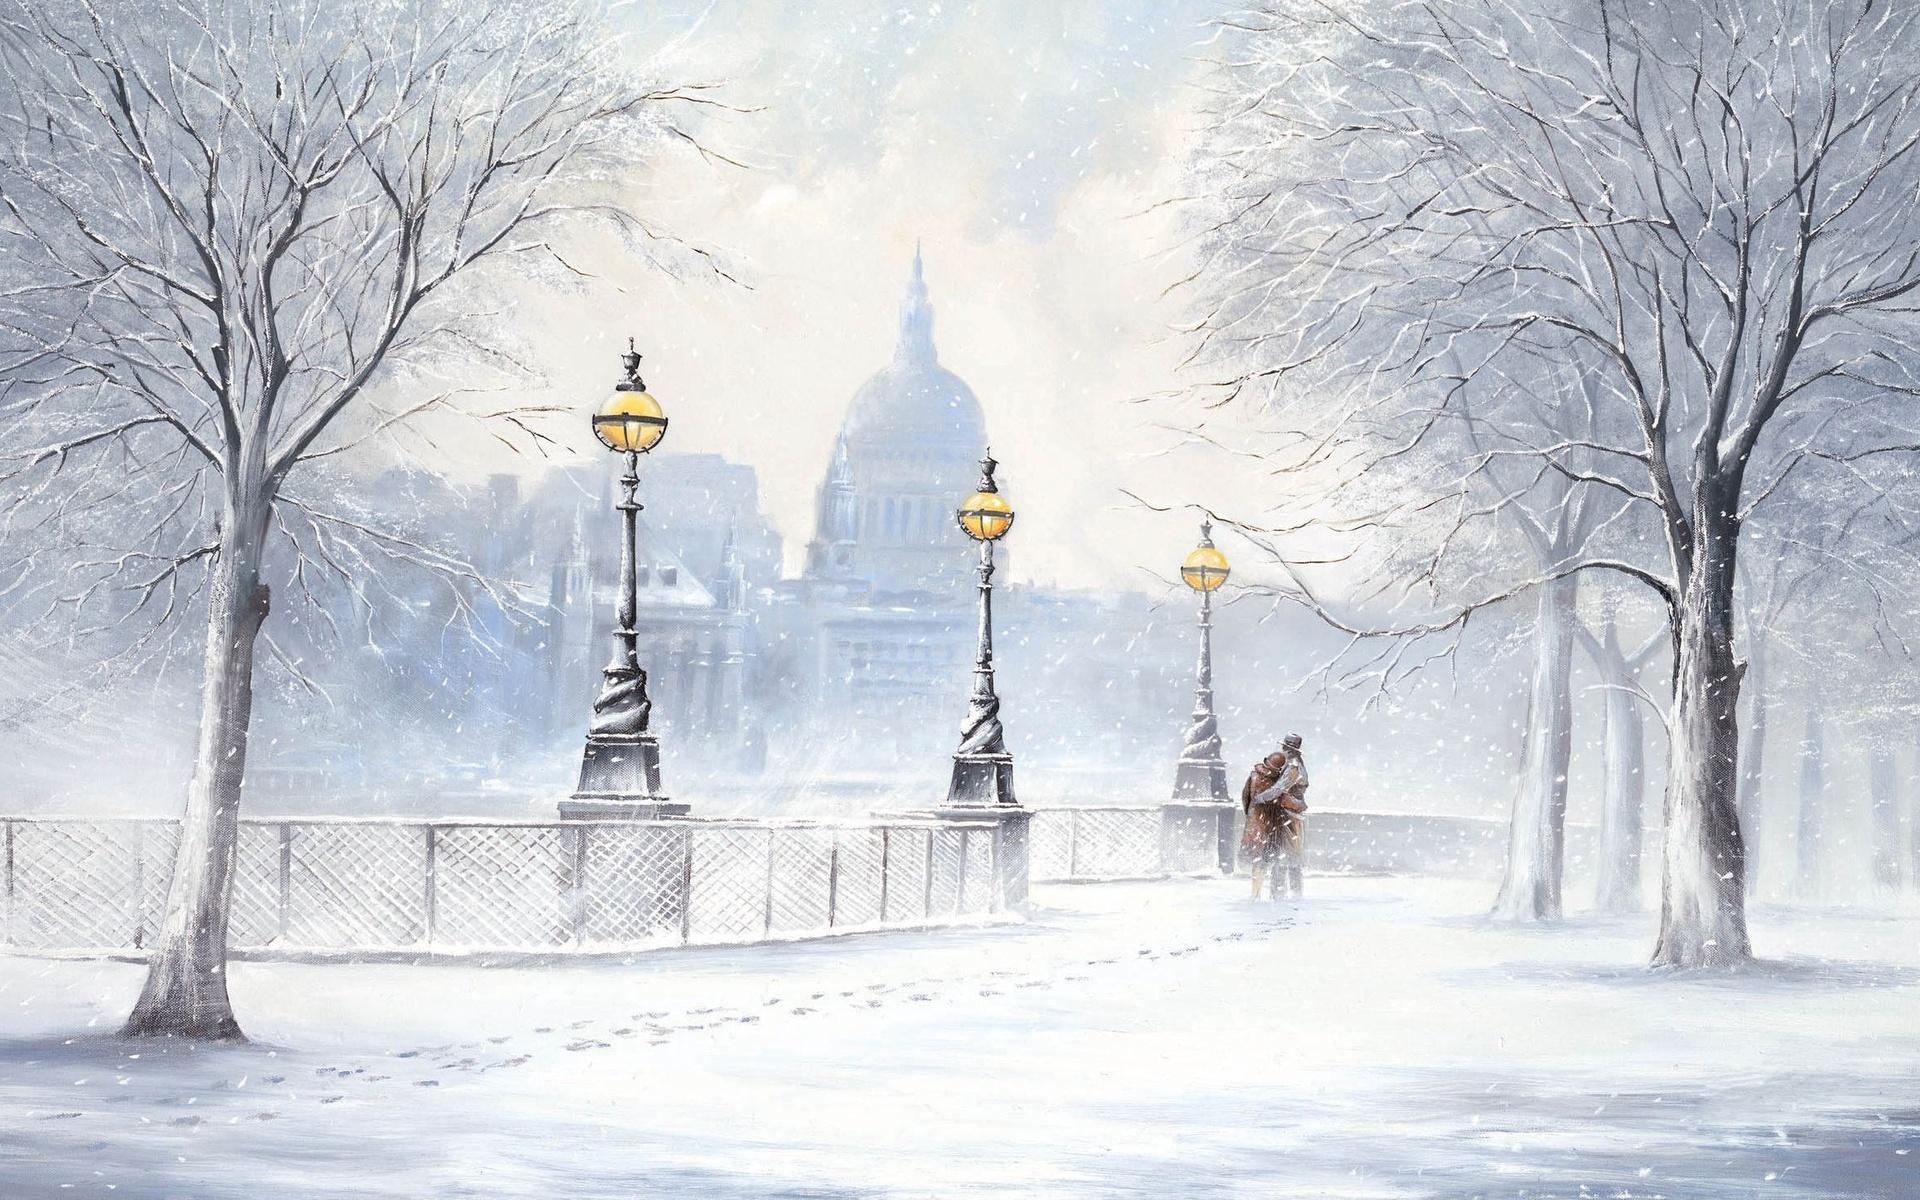 зима, снегопад, вьюга